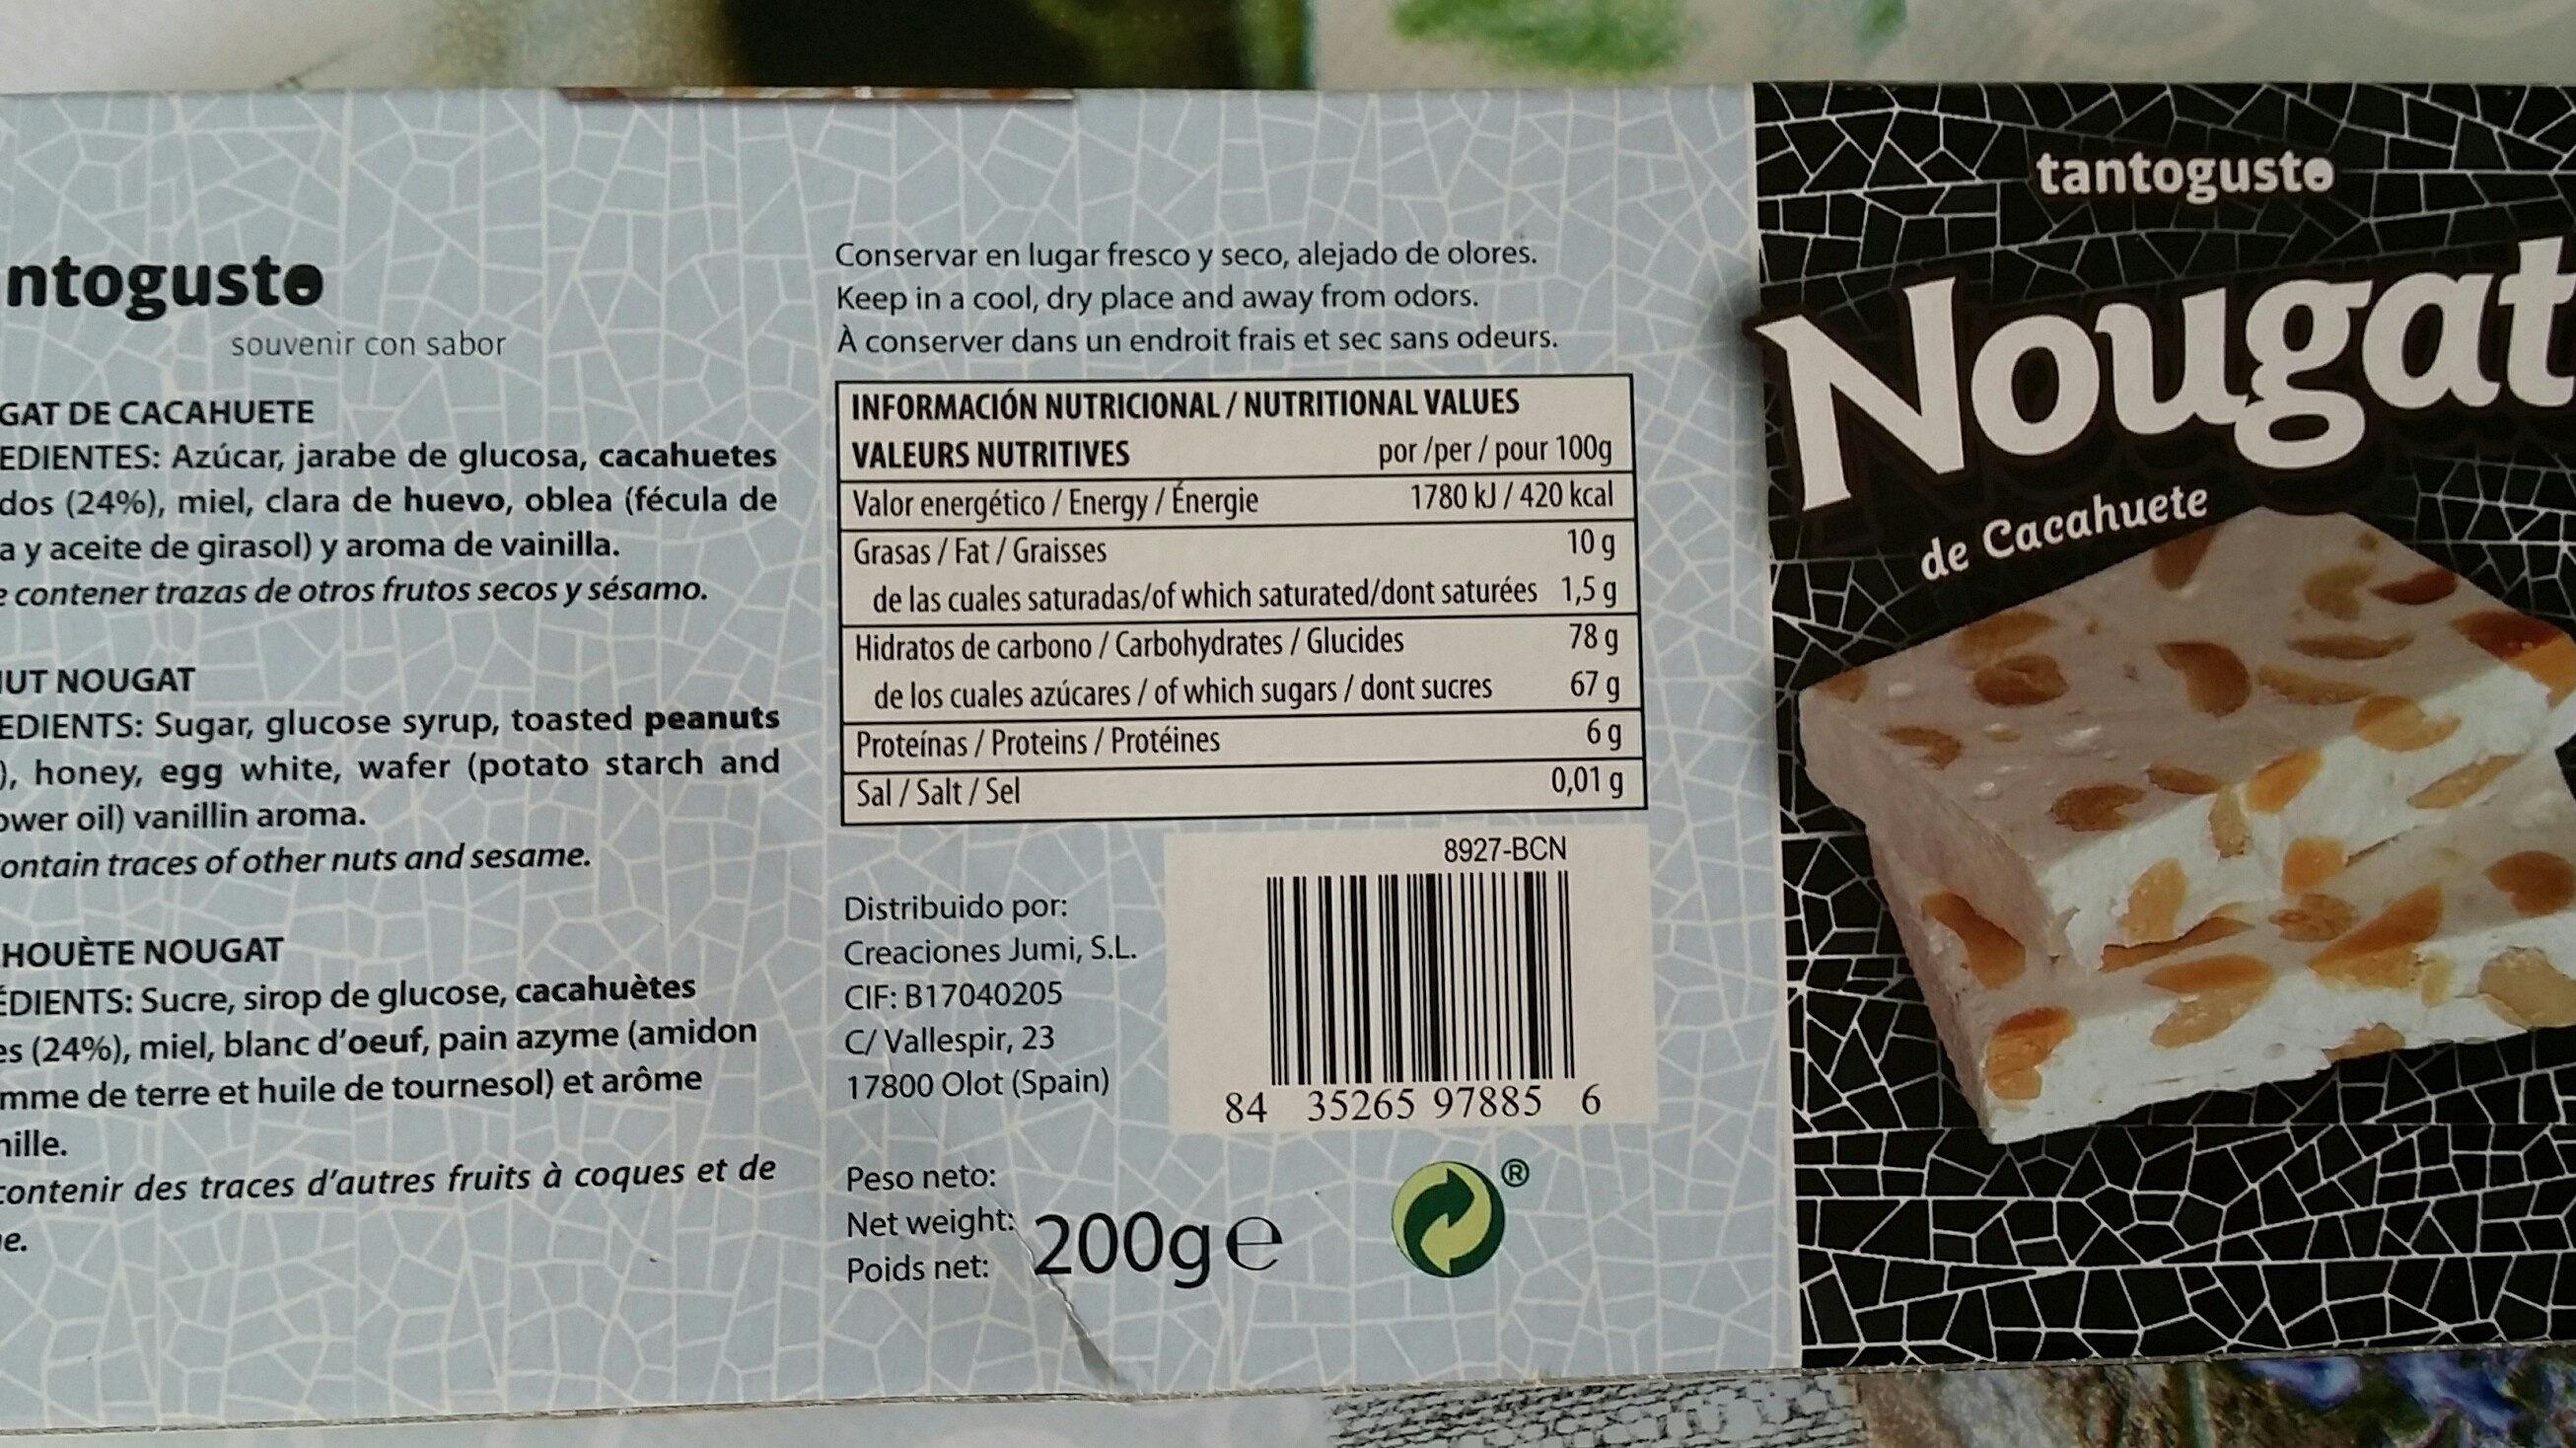 nougat de cacahuetes - Product - fr